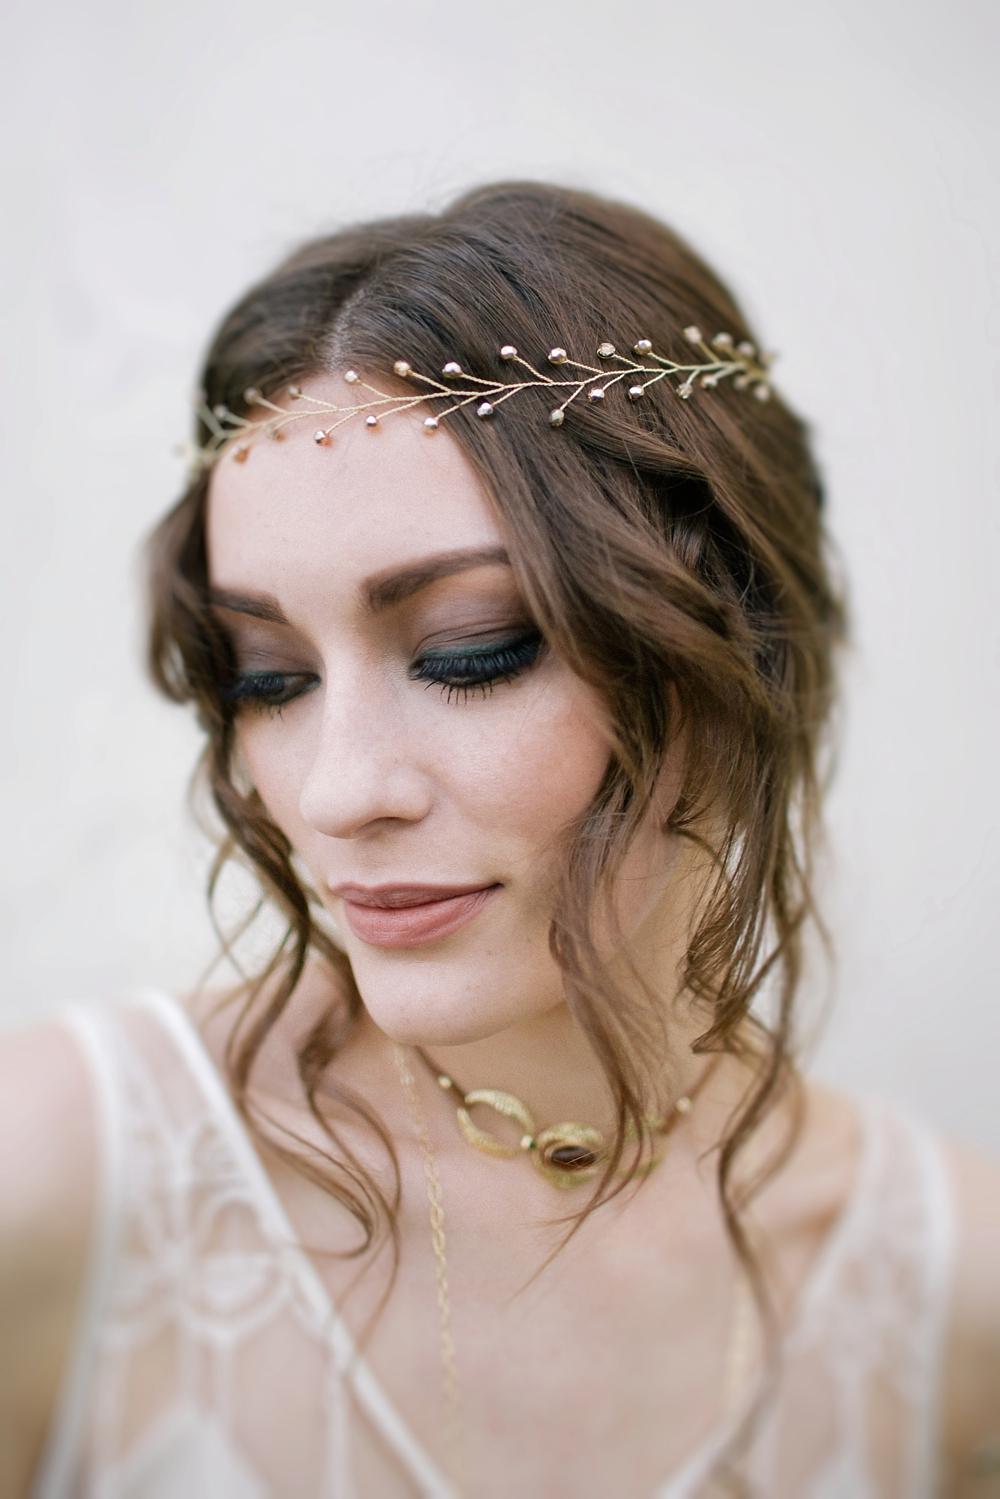 our wedding accessory designers - cicily bridal